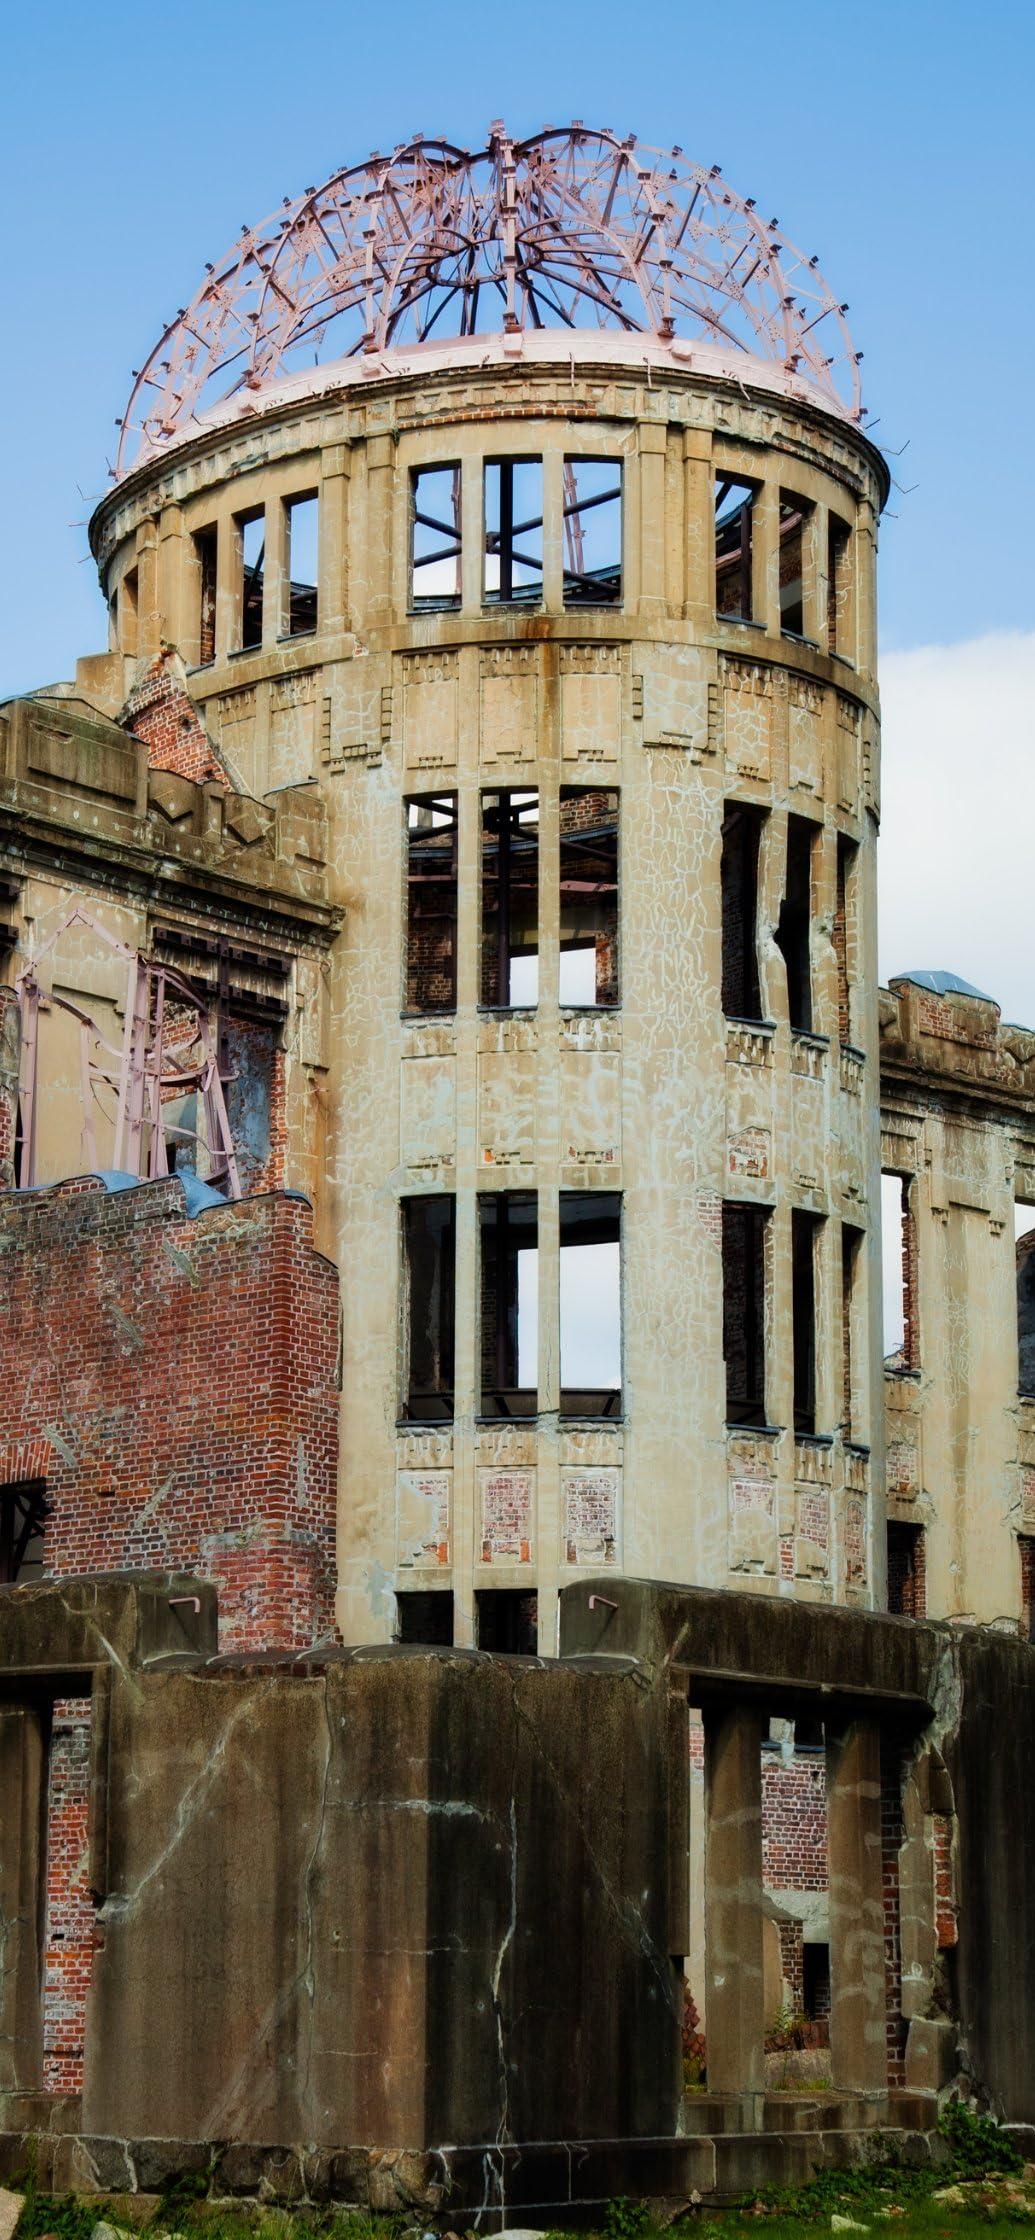 世界遺産 広島平和記念碑(ひろしまへいわきねんひ) iPhone 11,Pro Max,XR,XS Max 壁紙画像